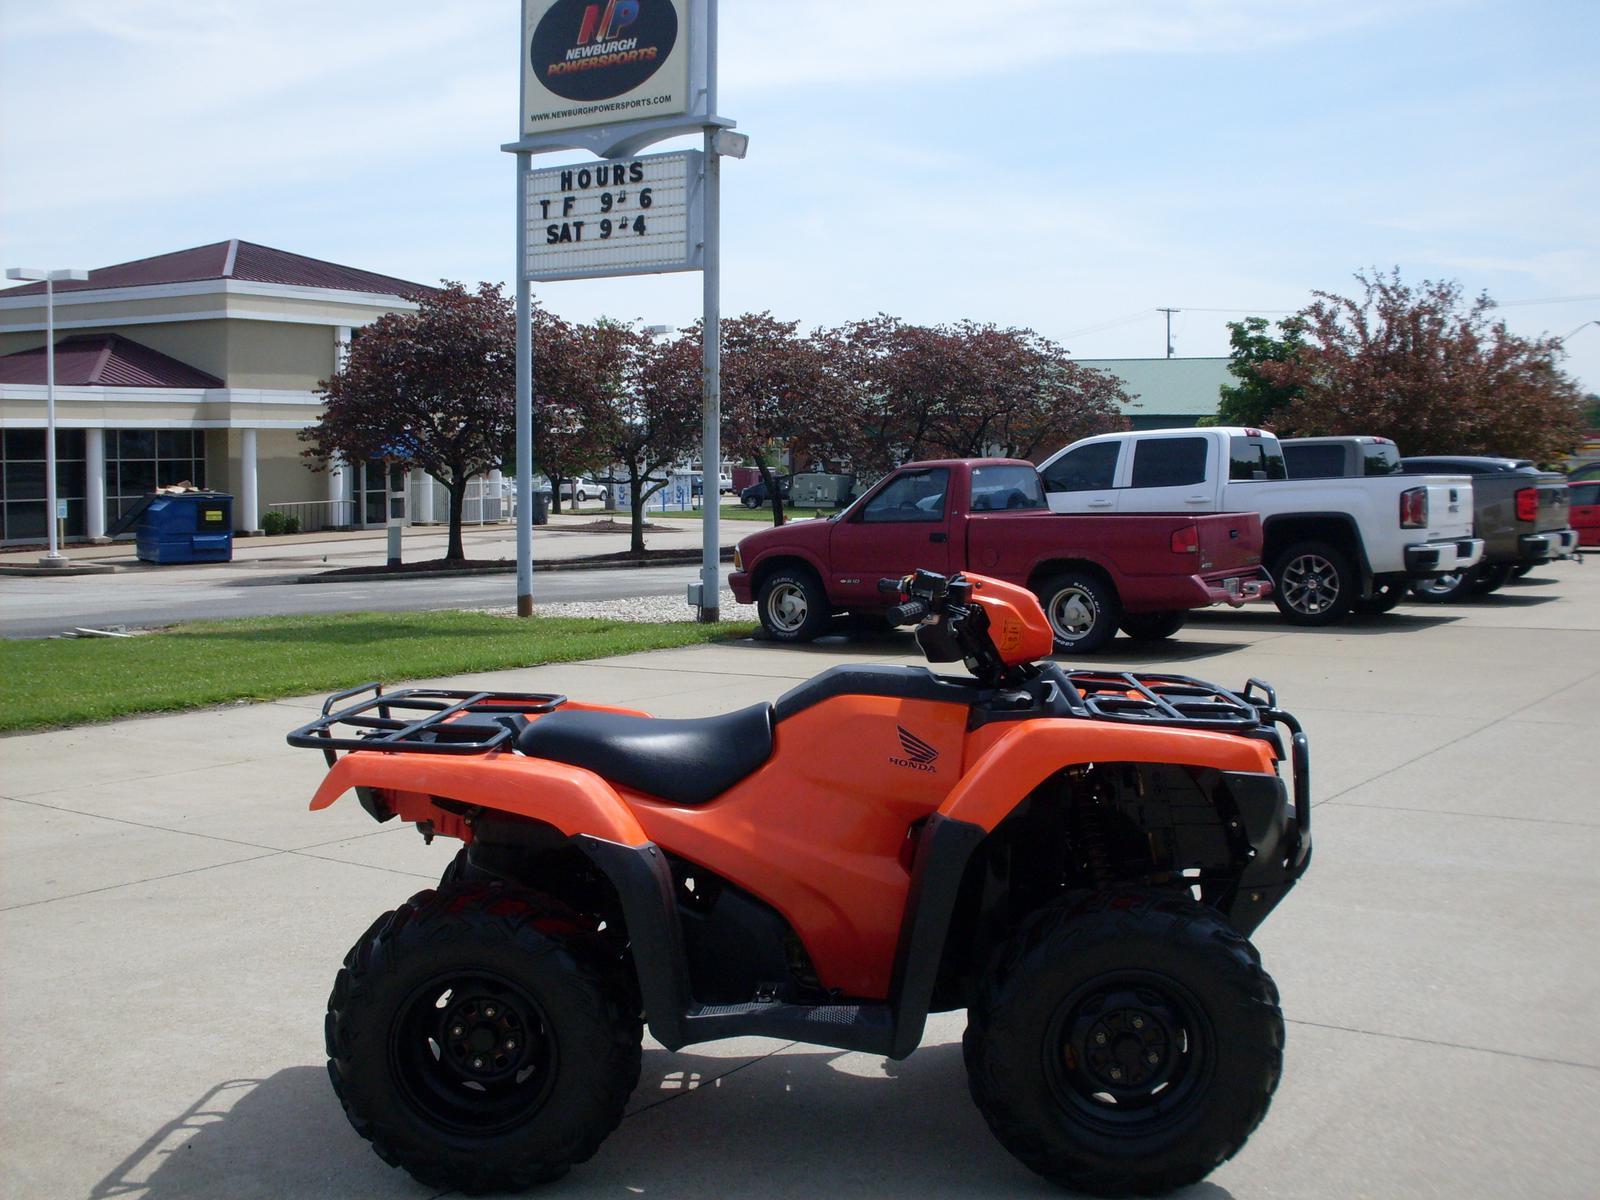 Inventory from Honda Newburgh Powersports Newburgh, IN (800